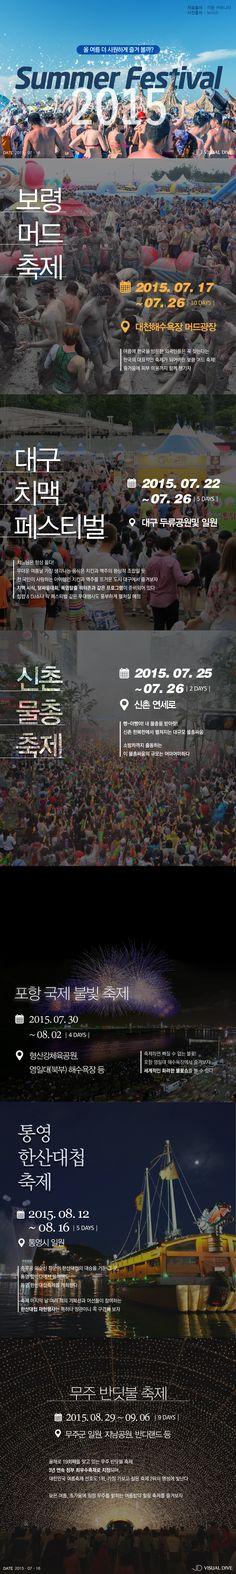 '올 여름을 더 쿨하게!'…2015 여름 축제 TOP6 [인포그래픽] #Summer_Festival / #Infographic ⓒ 비주얼다이브 무단 복사·전재·재배포 금지